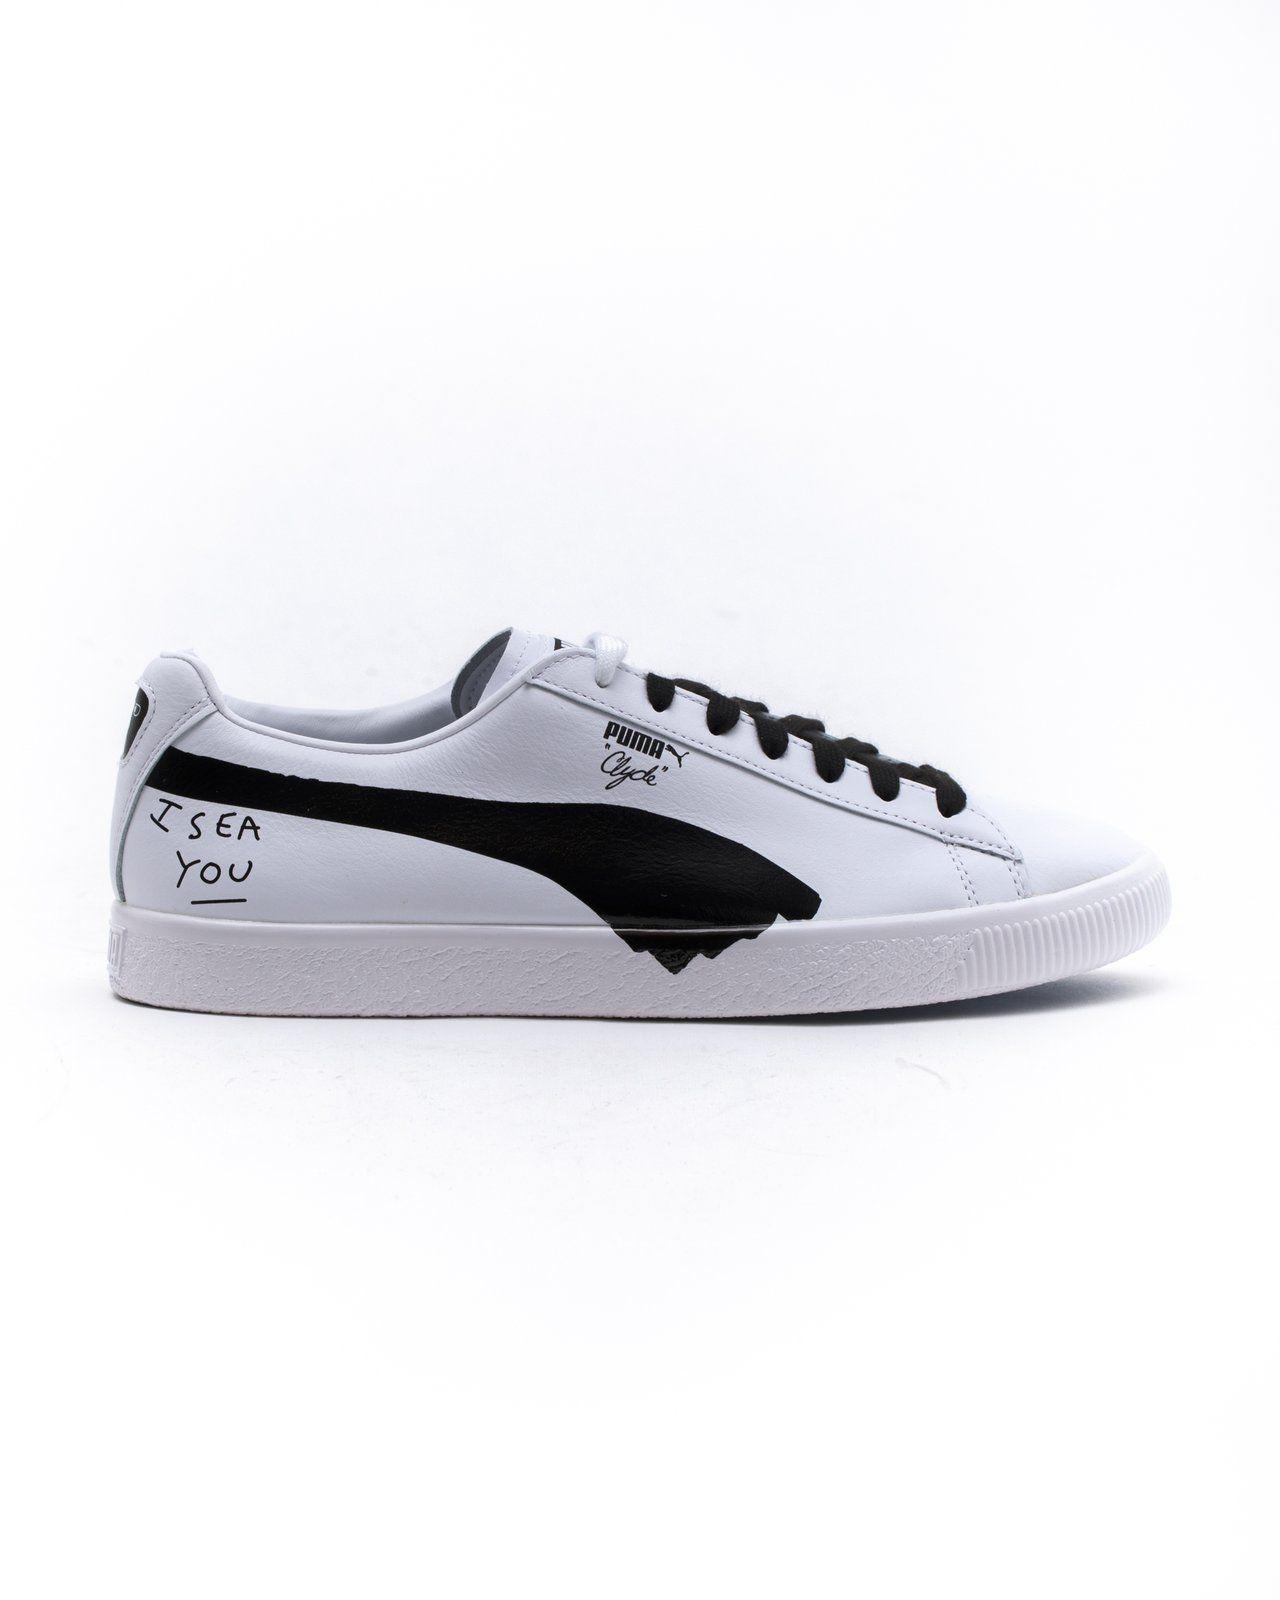 102ccc423745 Puma x Shantell Martin Clyde Sm - Color  Puma White Puma Black ...